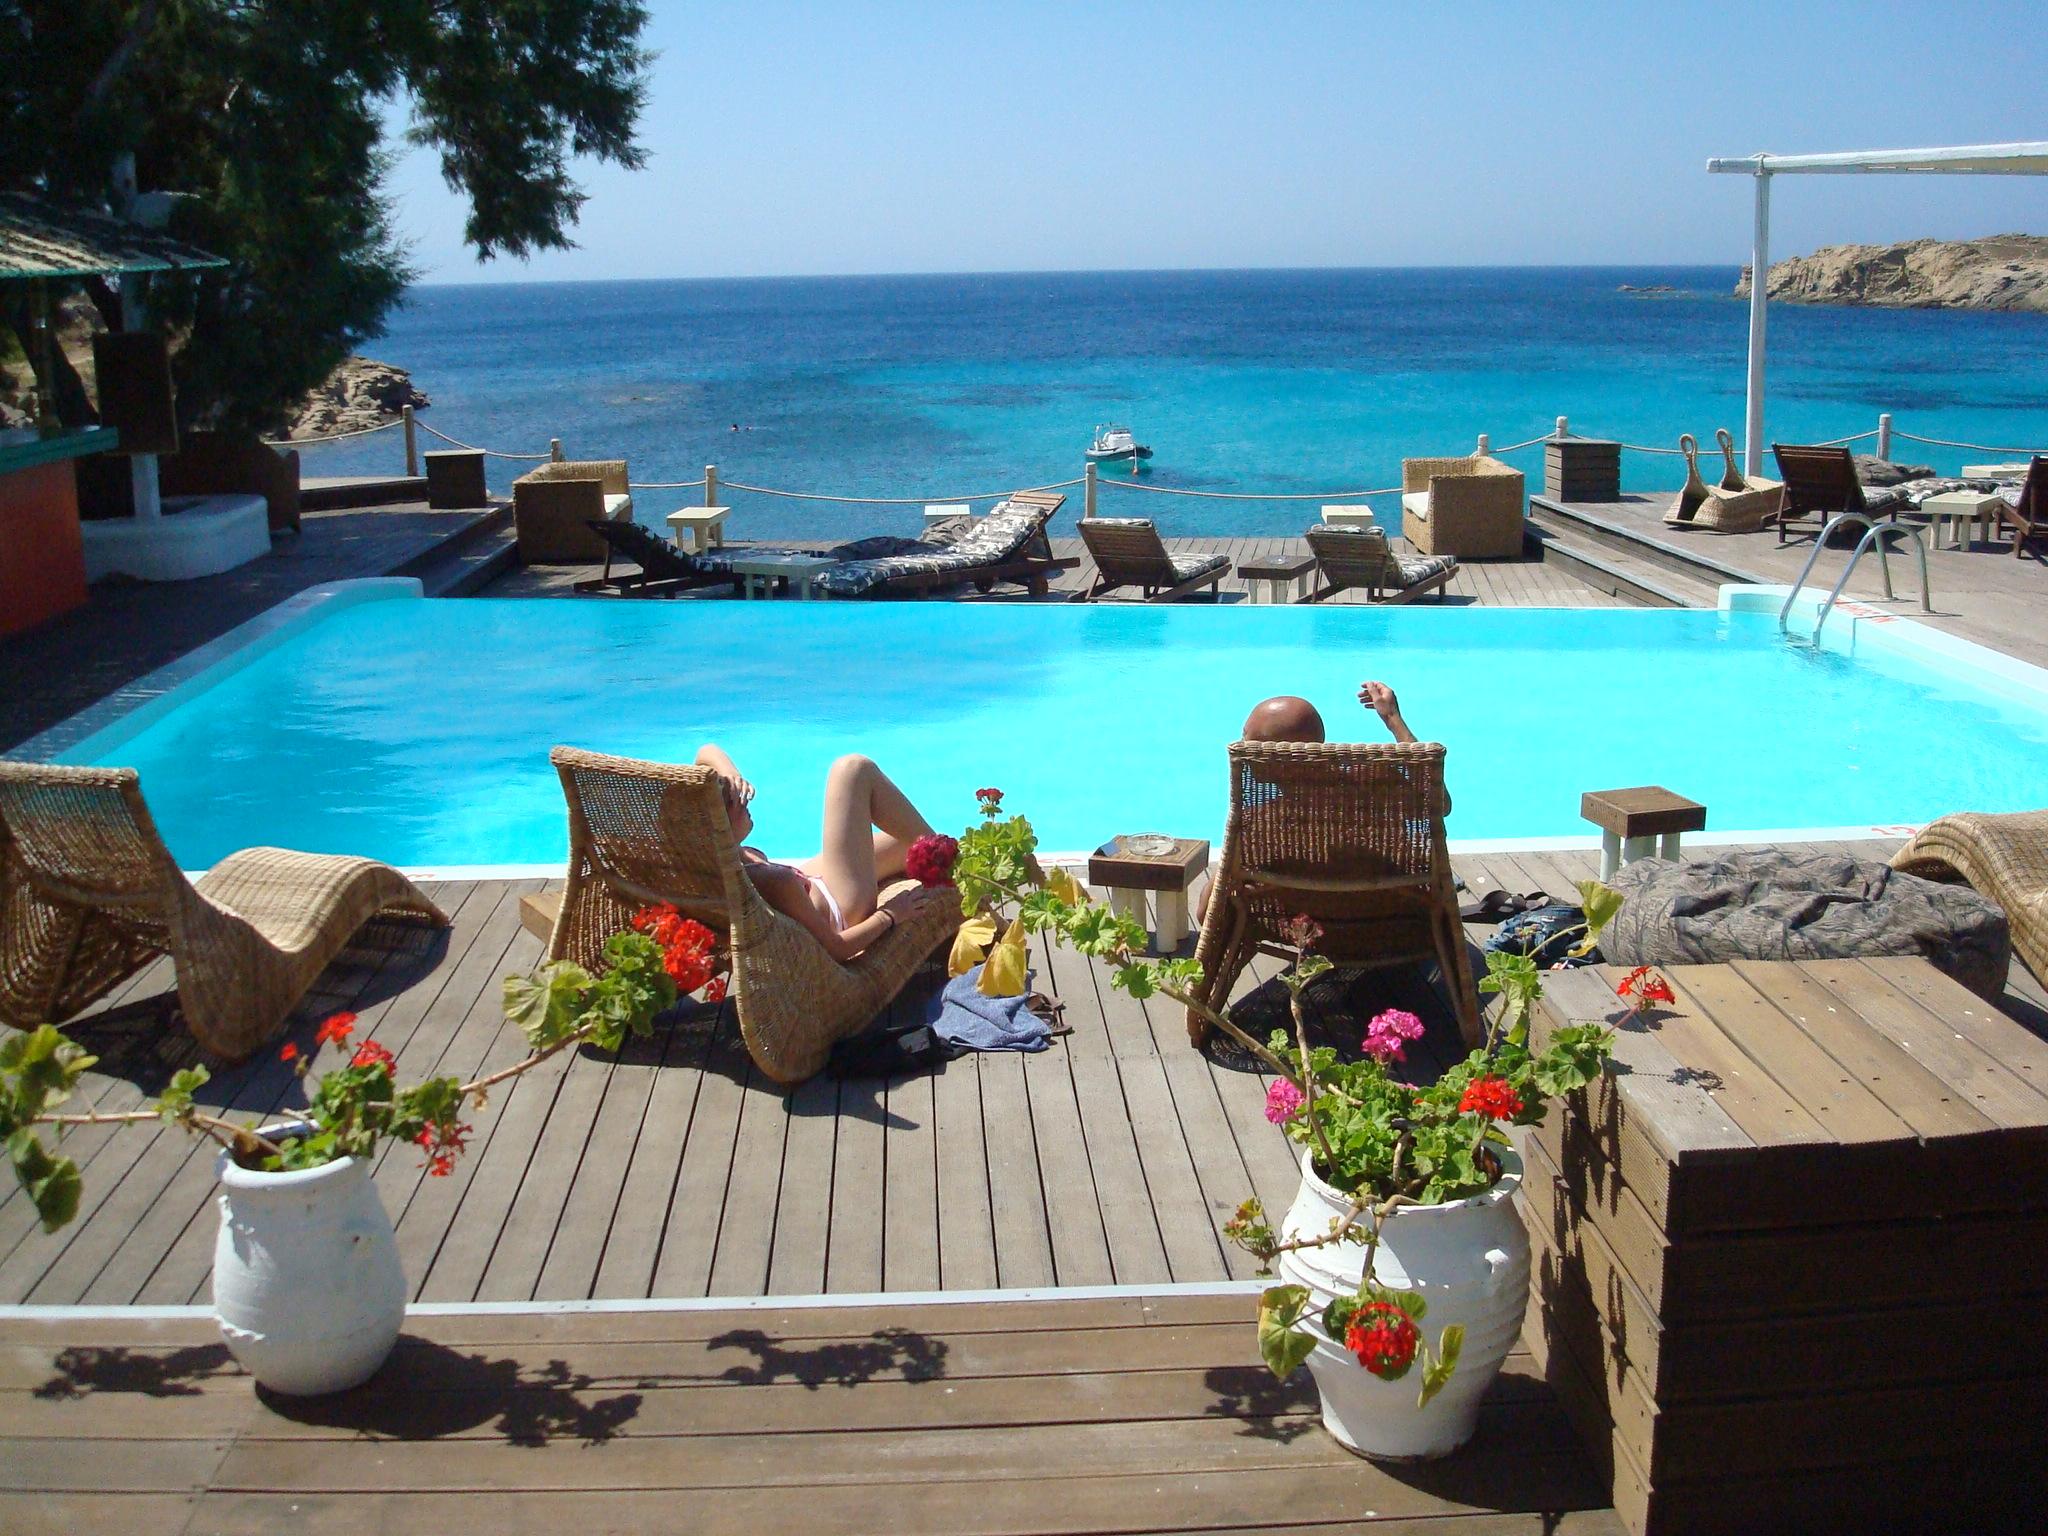 Met zwembad  u2013 reisnaarGriekenland nl